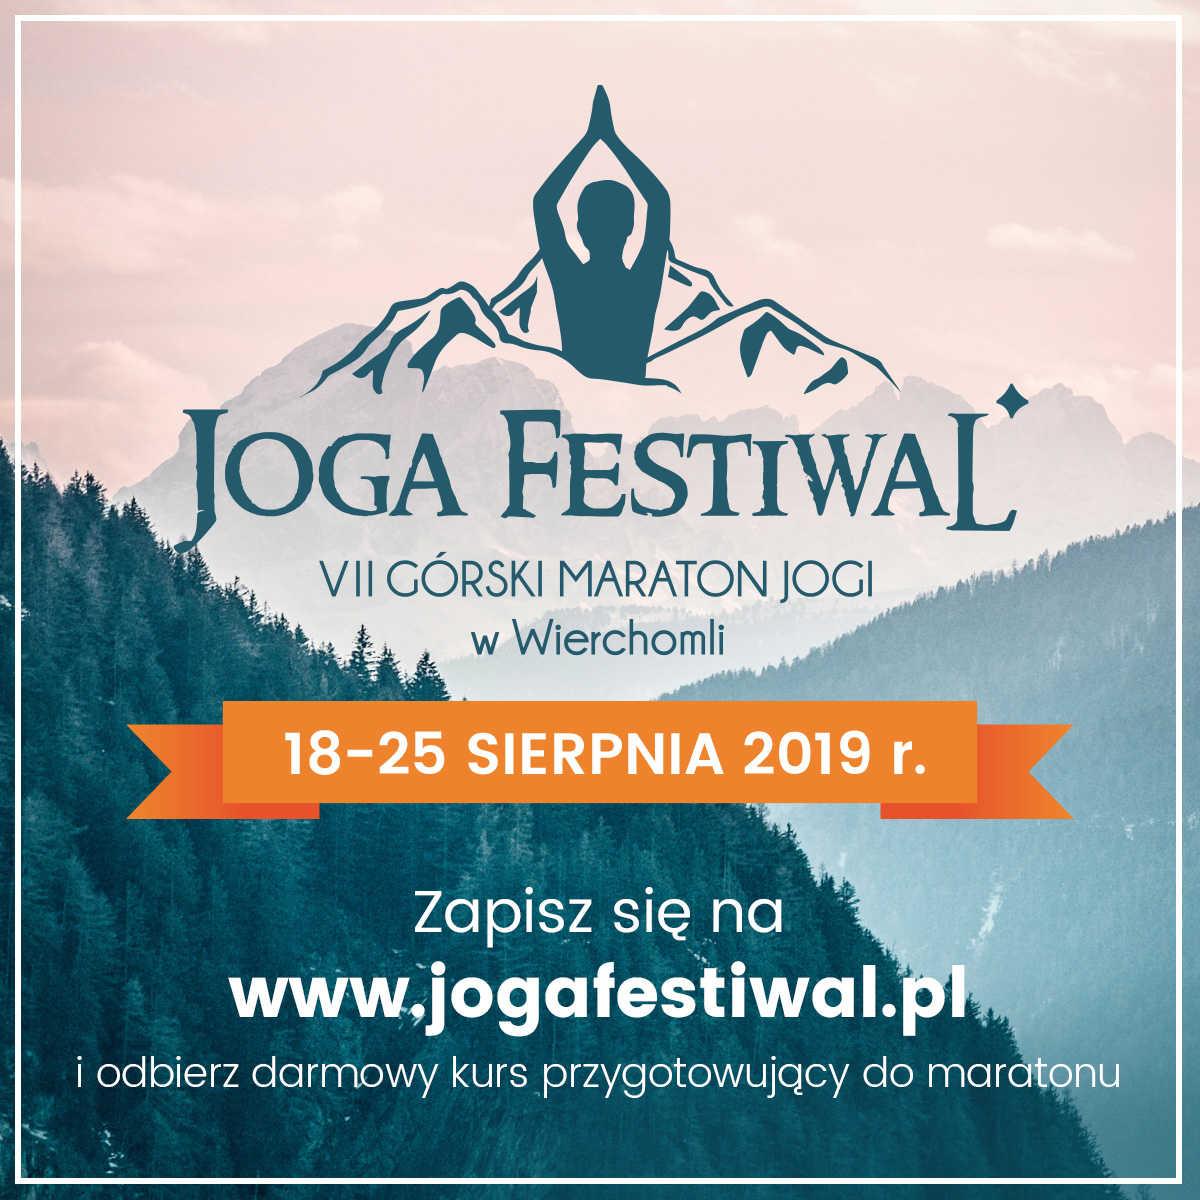 joga festiwal